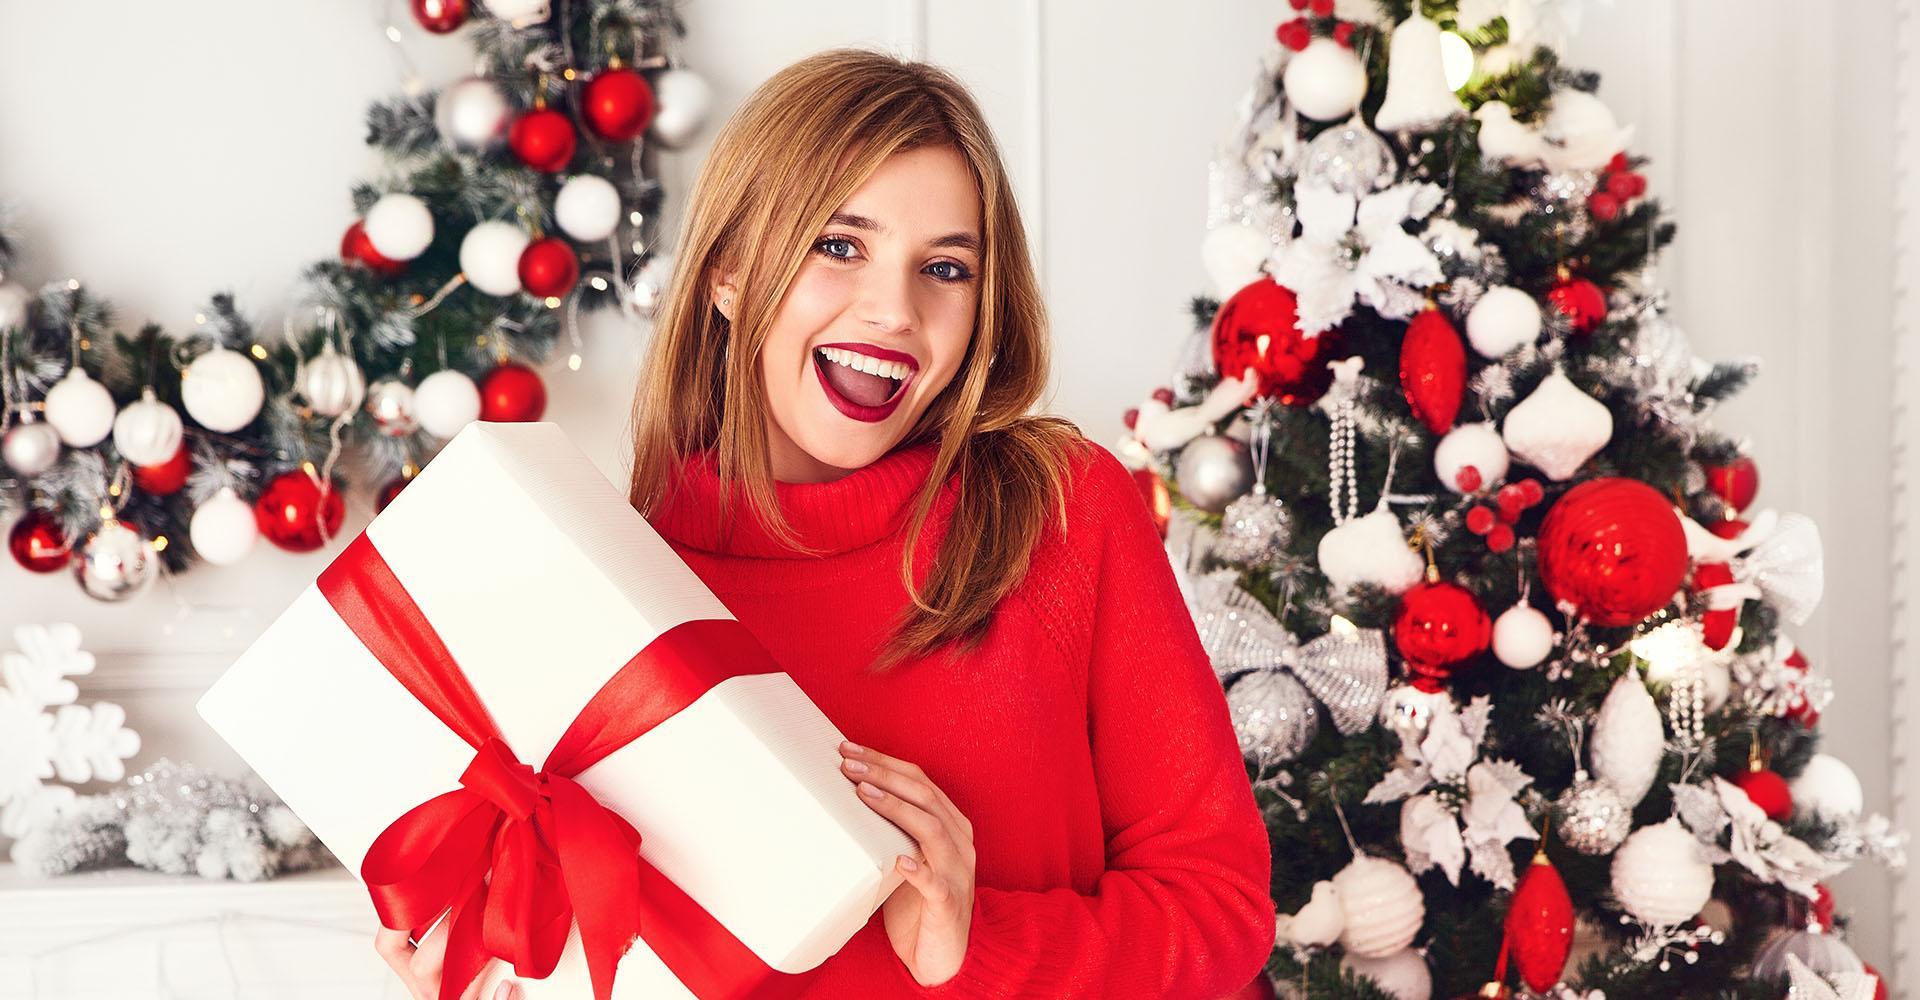 Najlepsze prezenty na Święta dla Ciebie